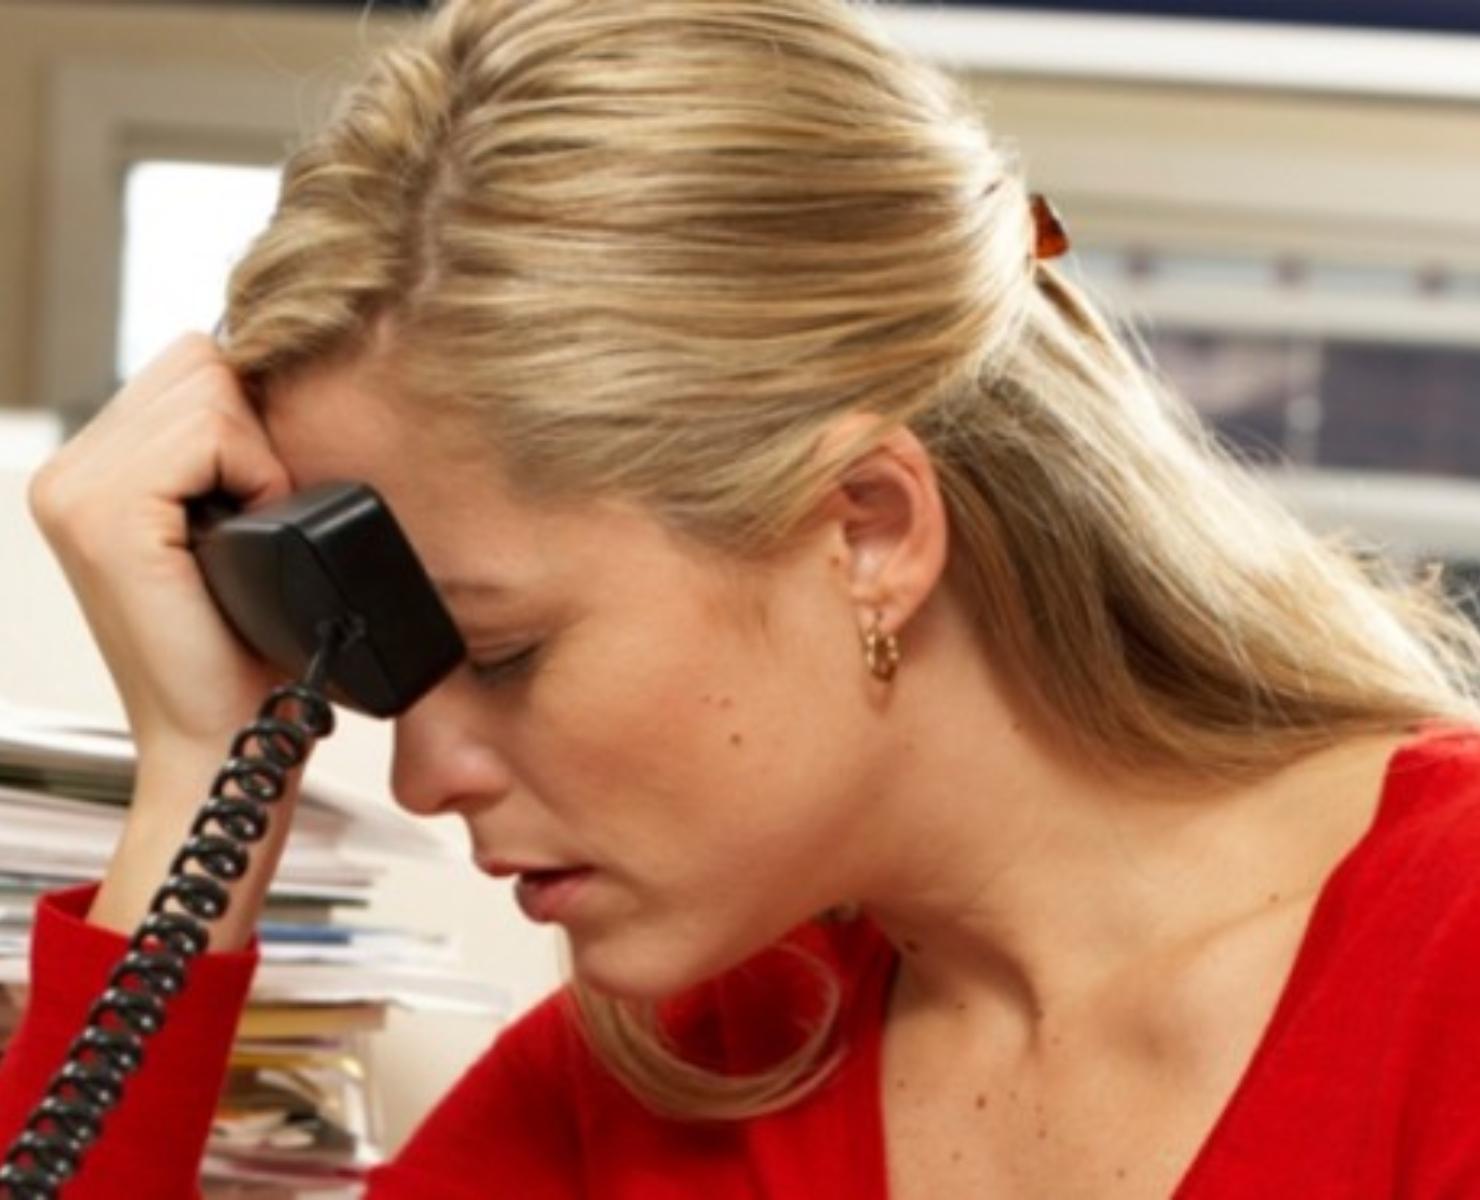 BANCOS: LIGAÇÕES TELEFÔNICAS PODEM ACABAR